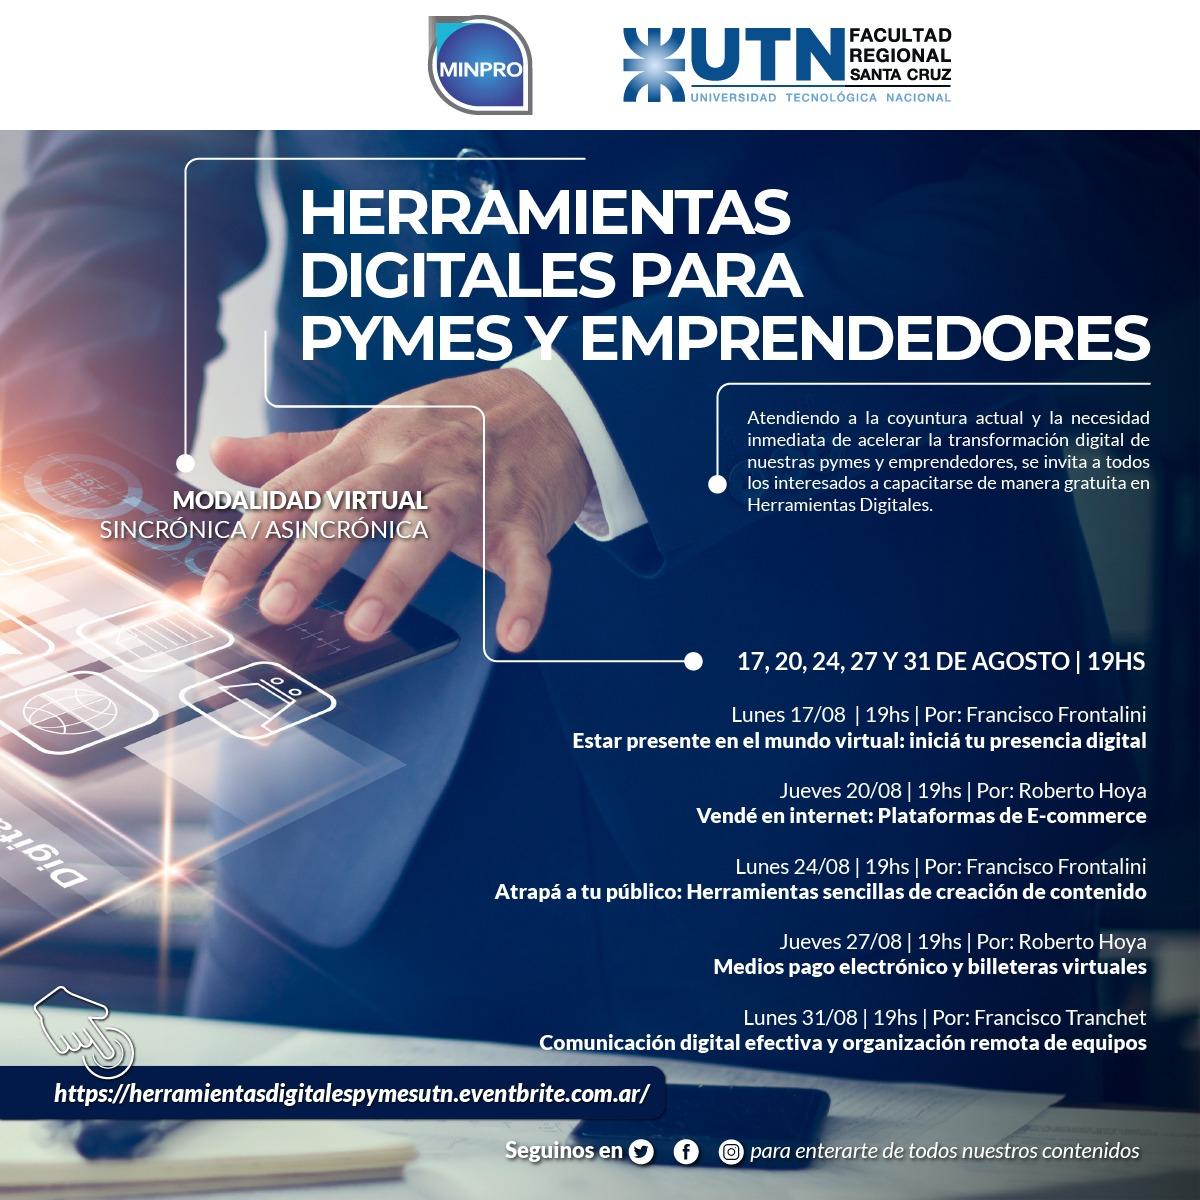 Herramientas Digitales para PYMES y Emprendedores